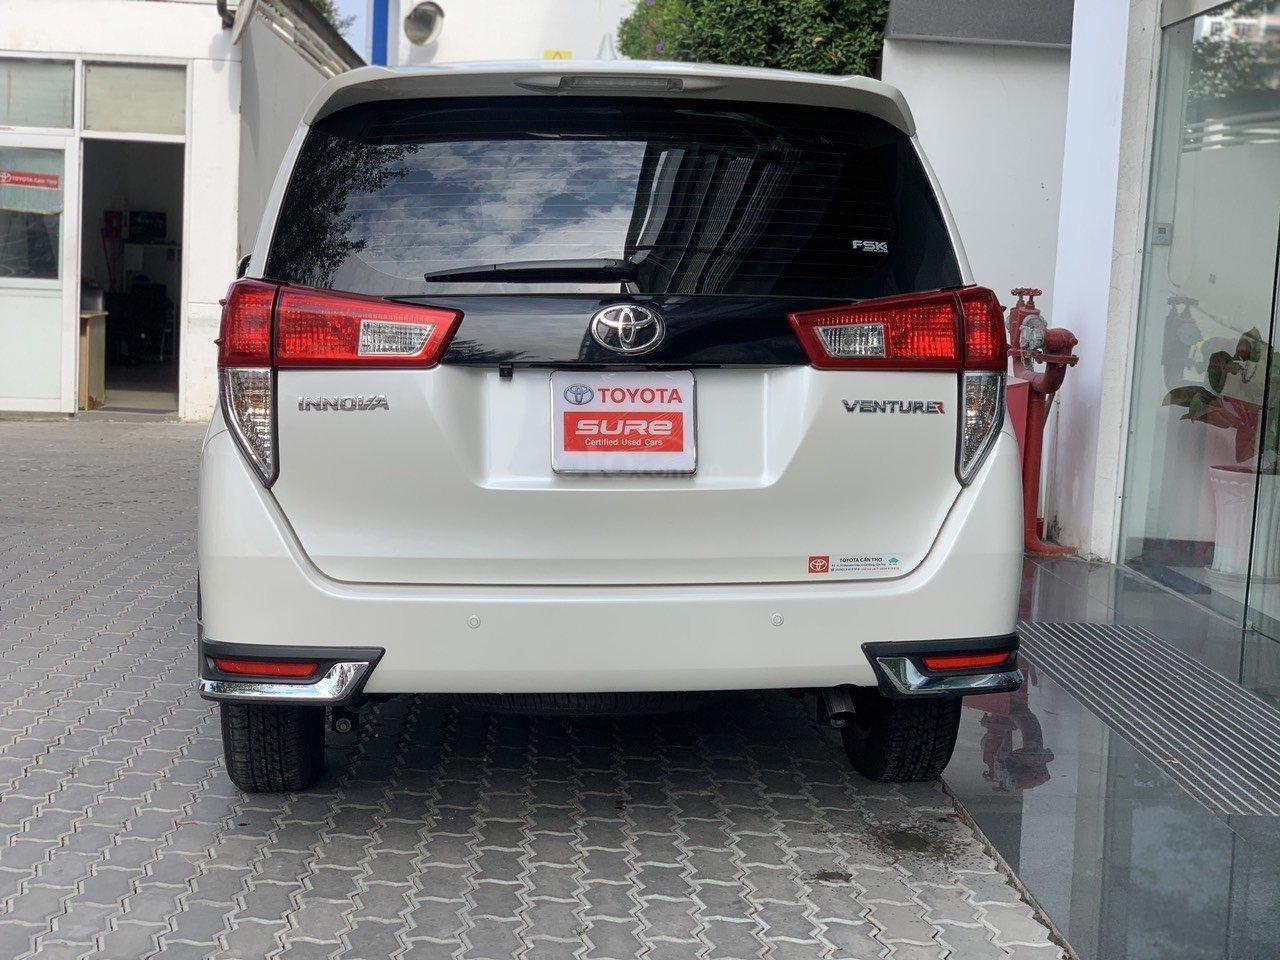 Bán xe Toyota Innova Venturer 2019, 830tr, đồ chơi nhiều (5)